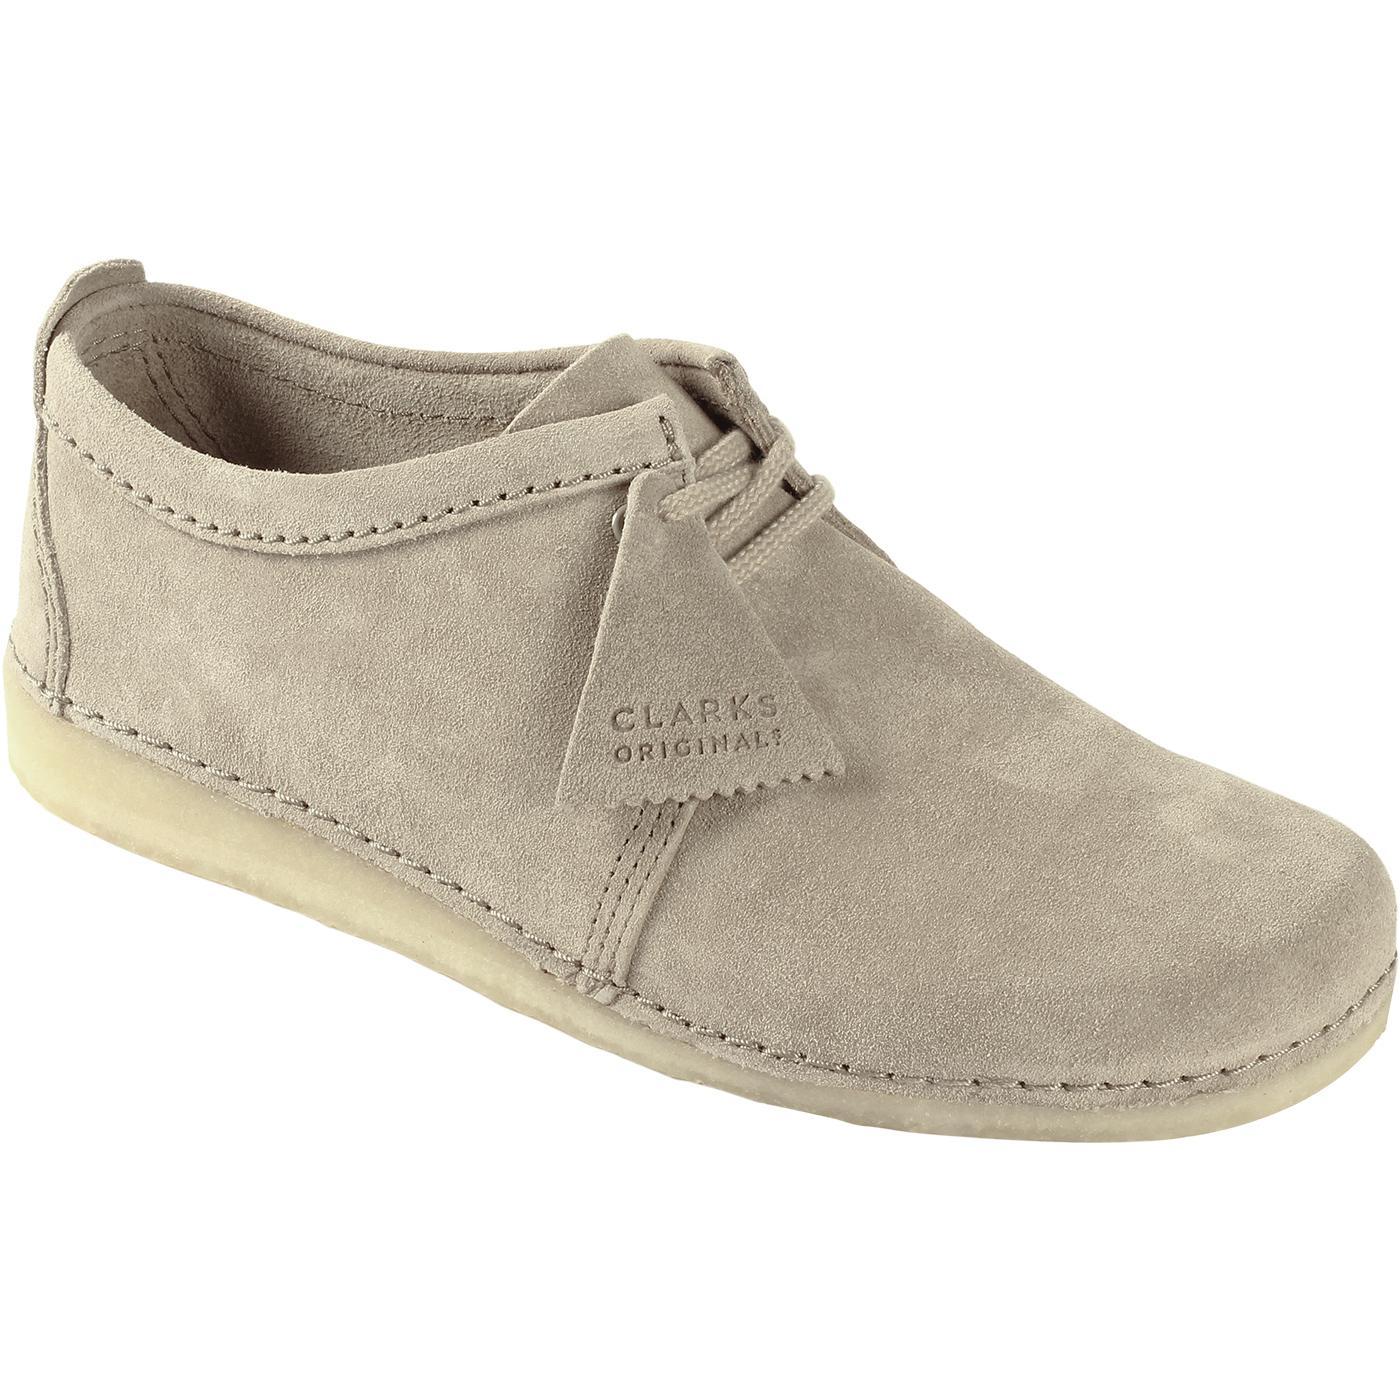 Ashton CLARKS ORIGINALS Retro Mod Sand Suede Shoes